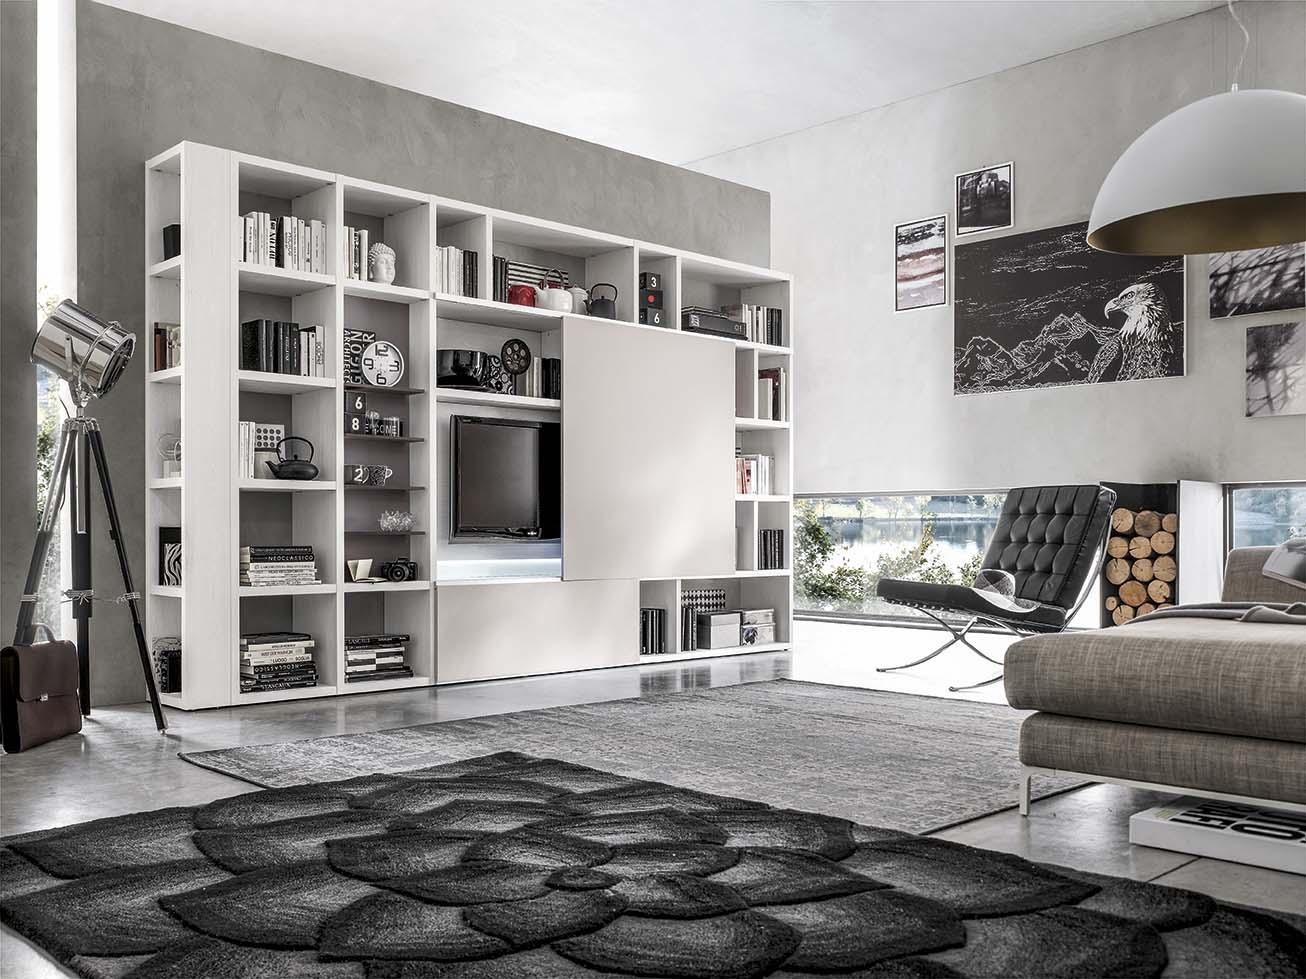 Stile moderno ab mobili for Mobili stile moderno